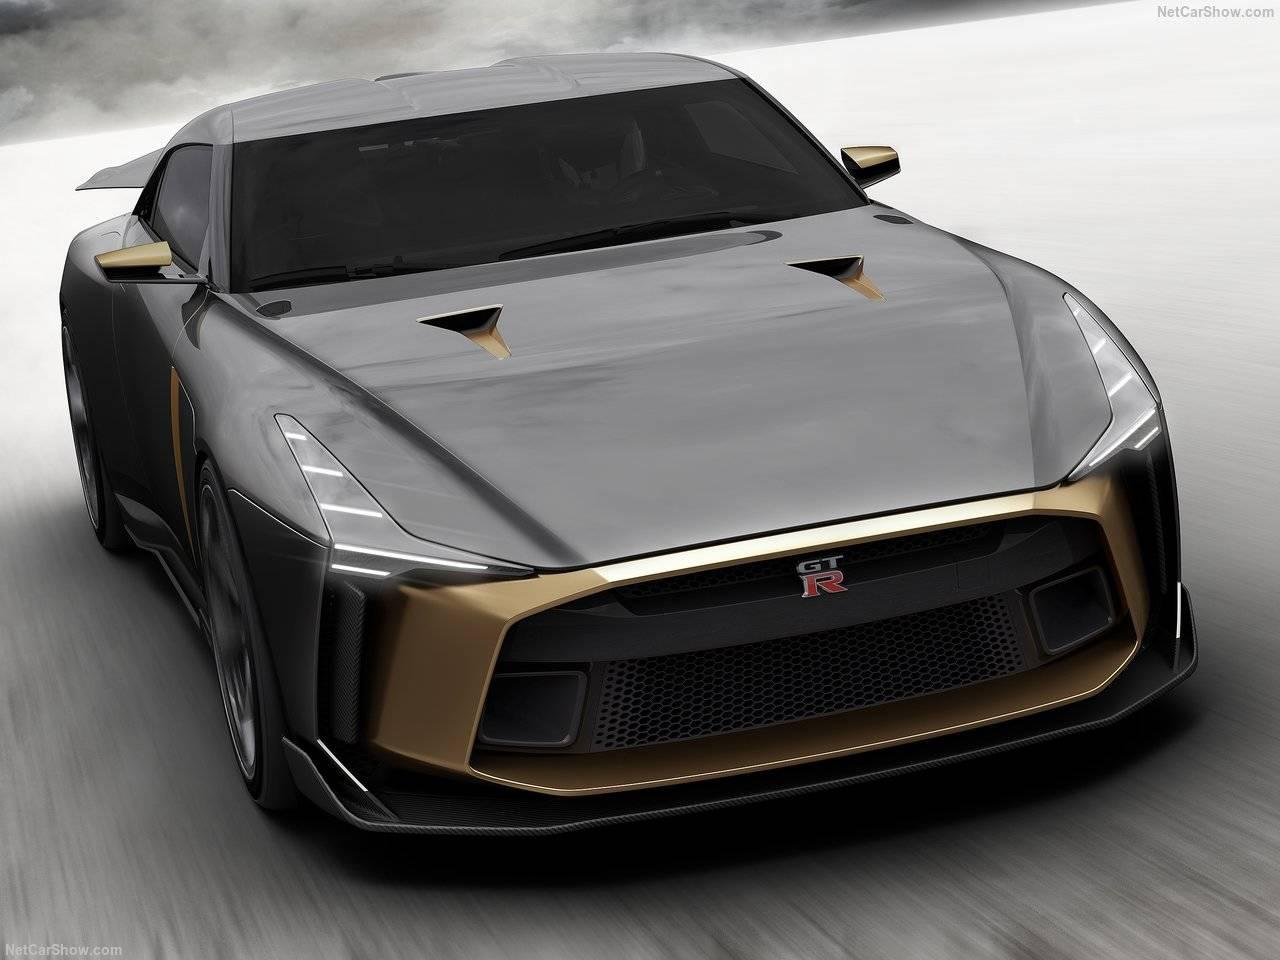 日産GT-R50 by Italdesign Conceptが今年登場!コラボデザイン・スペック等を検証